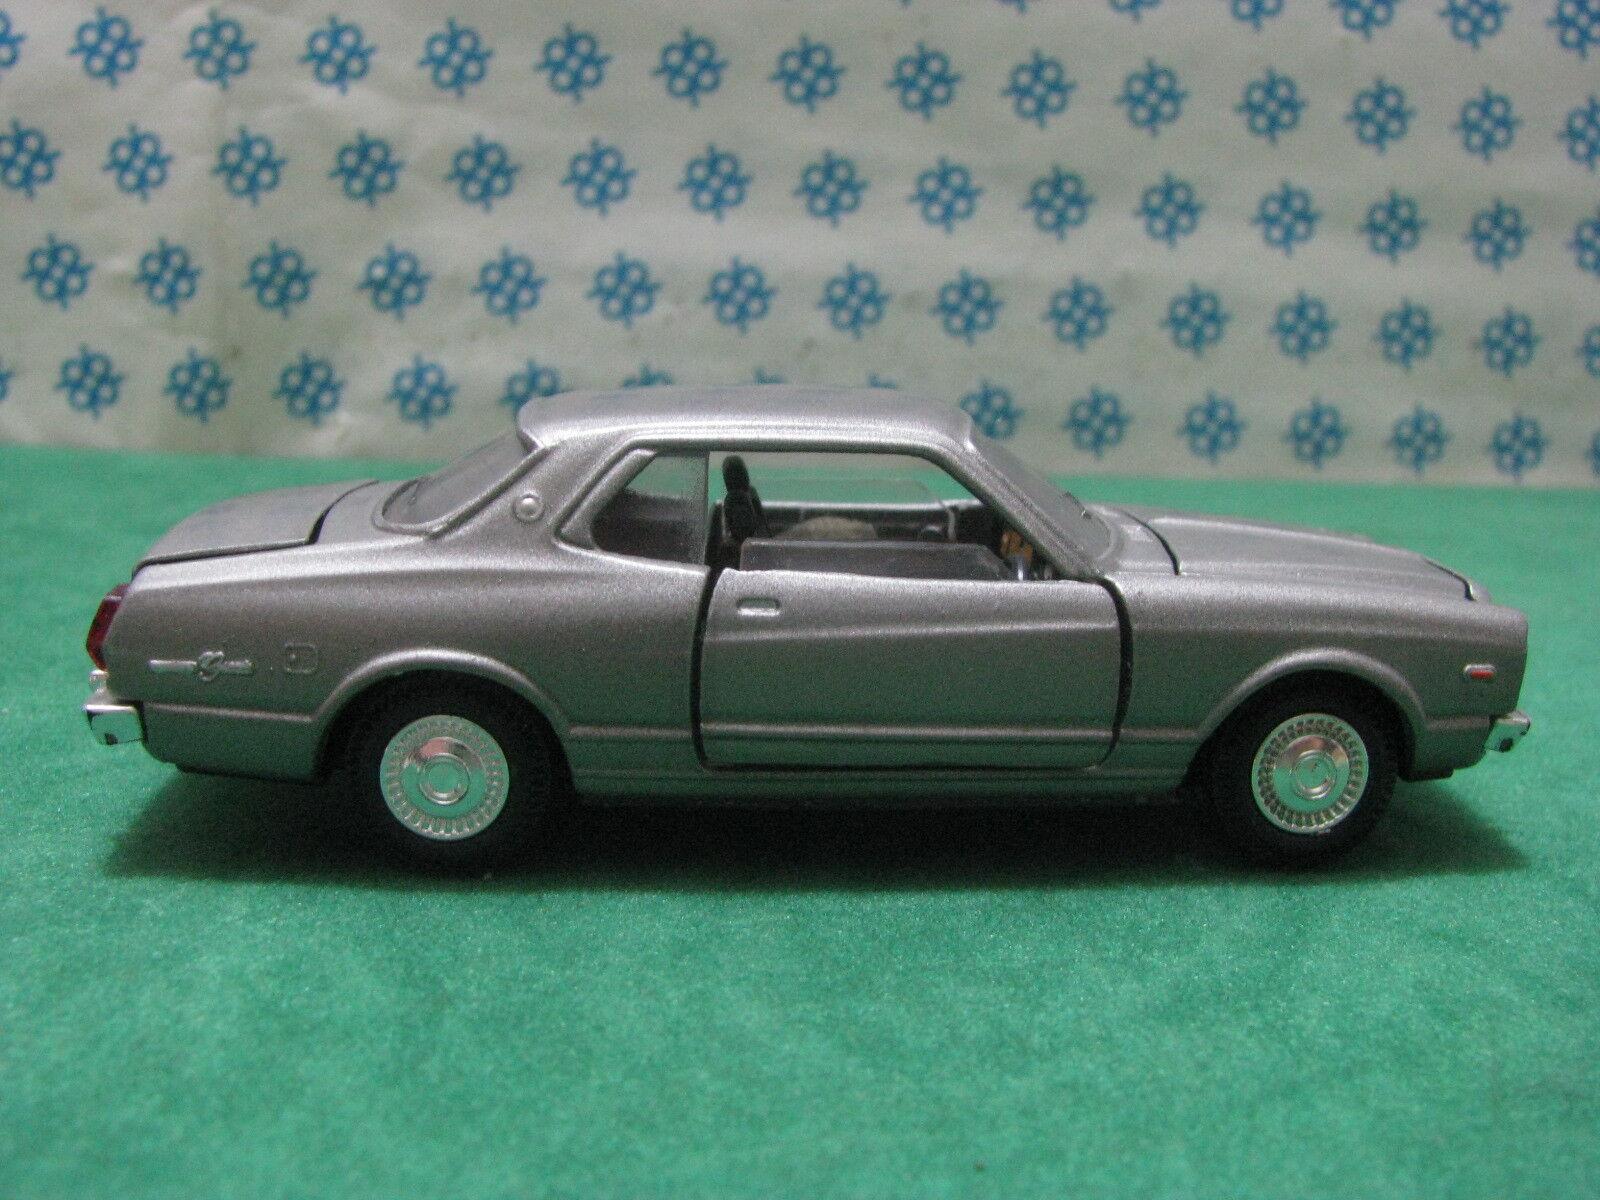 Vintage - MARK II GRANDE HT - - - 1 40 G-63 Diapet Yonezawa toys 01412 5062a6